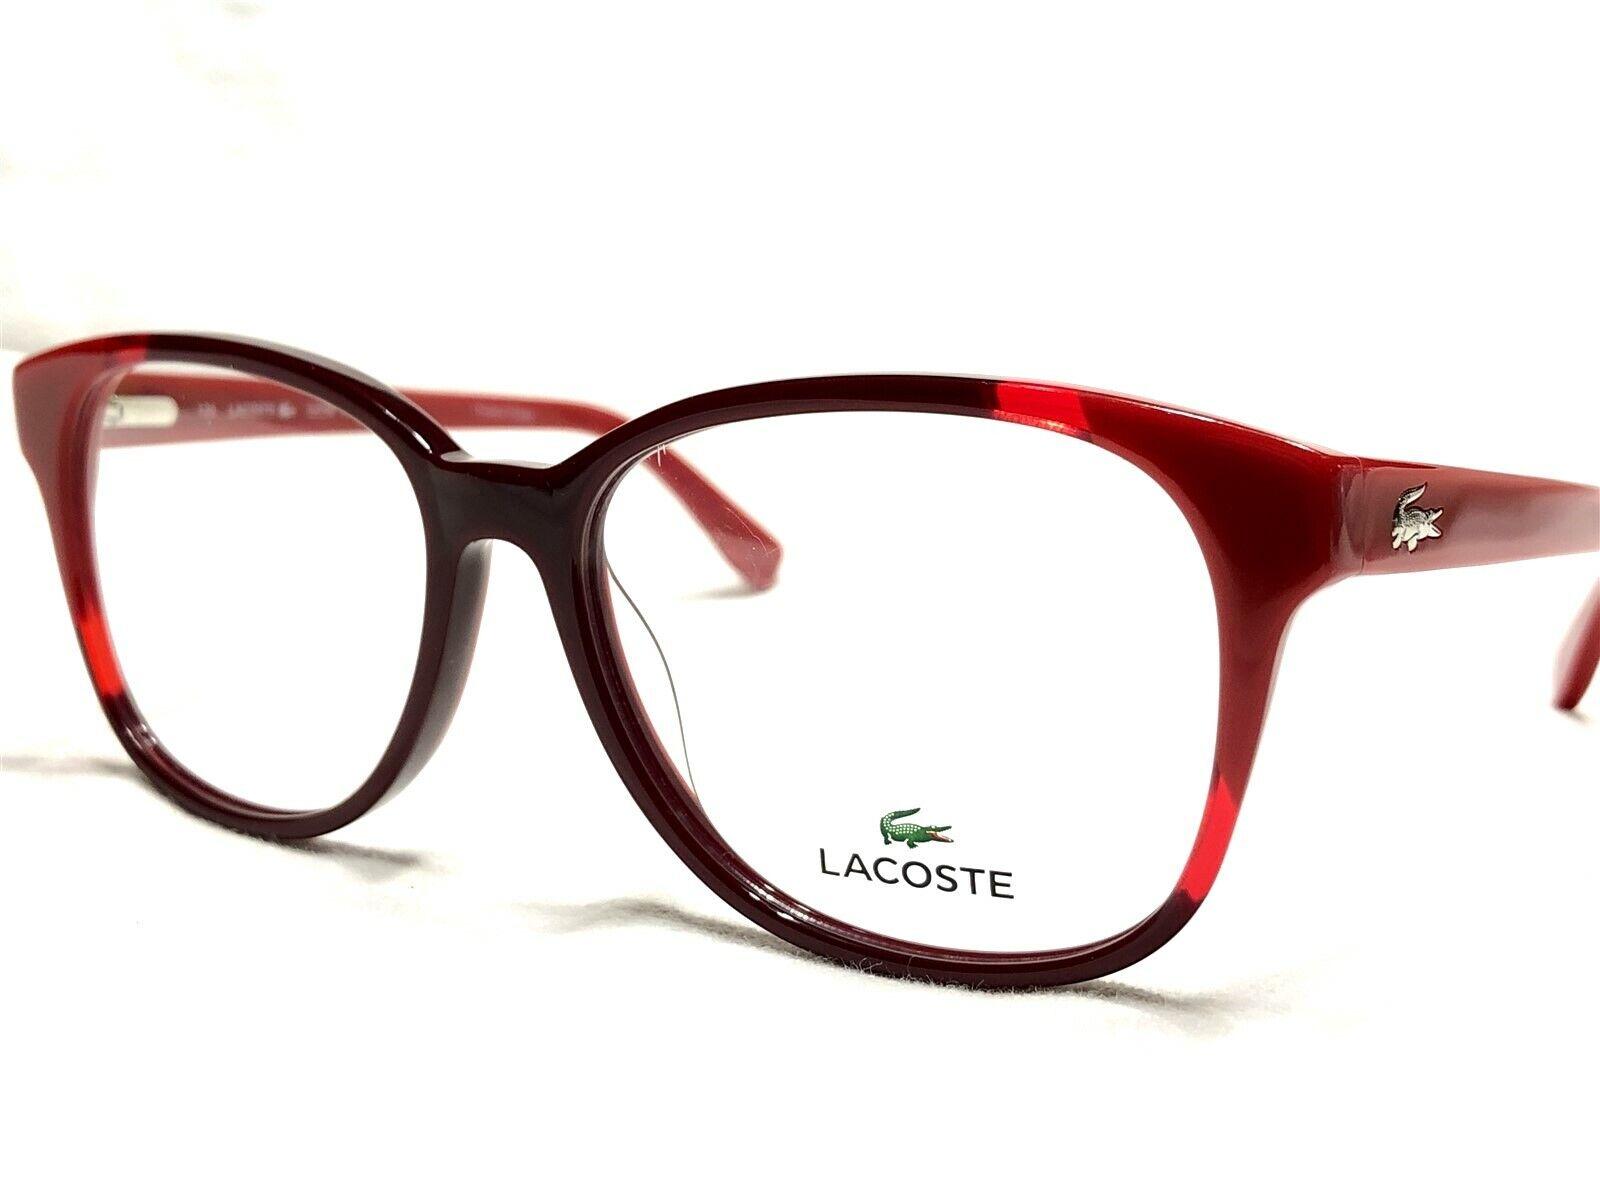 NEW Lacoste L2738 615 Men's Red Bordeaux Modern Rx Eyeglasse